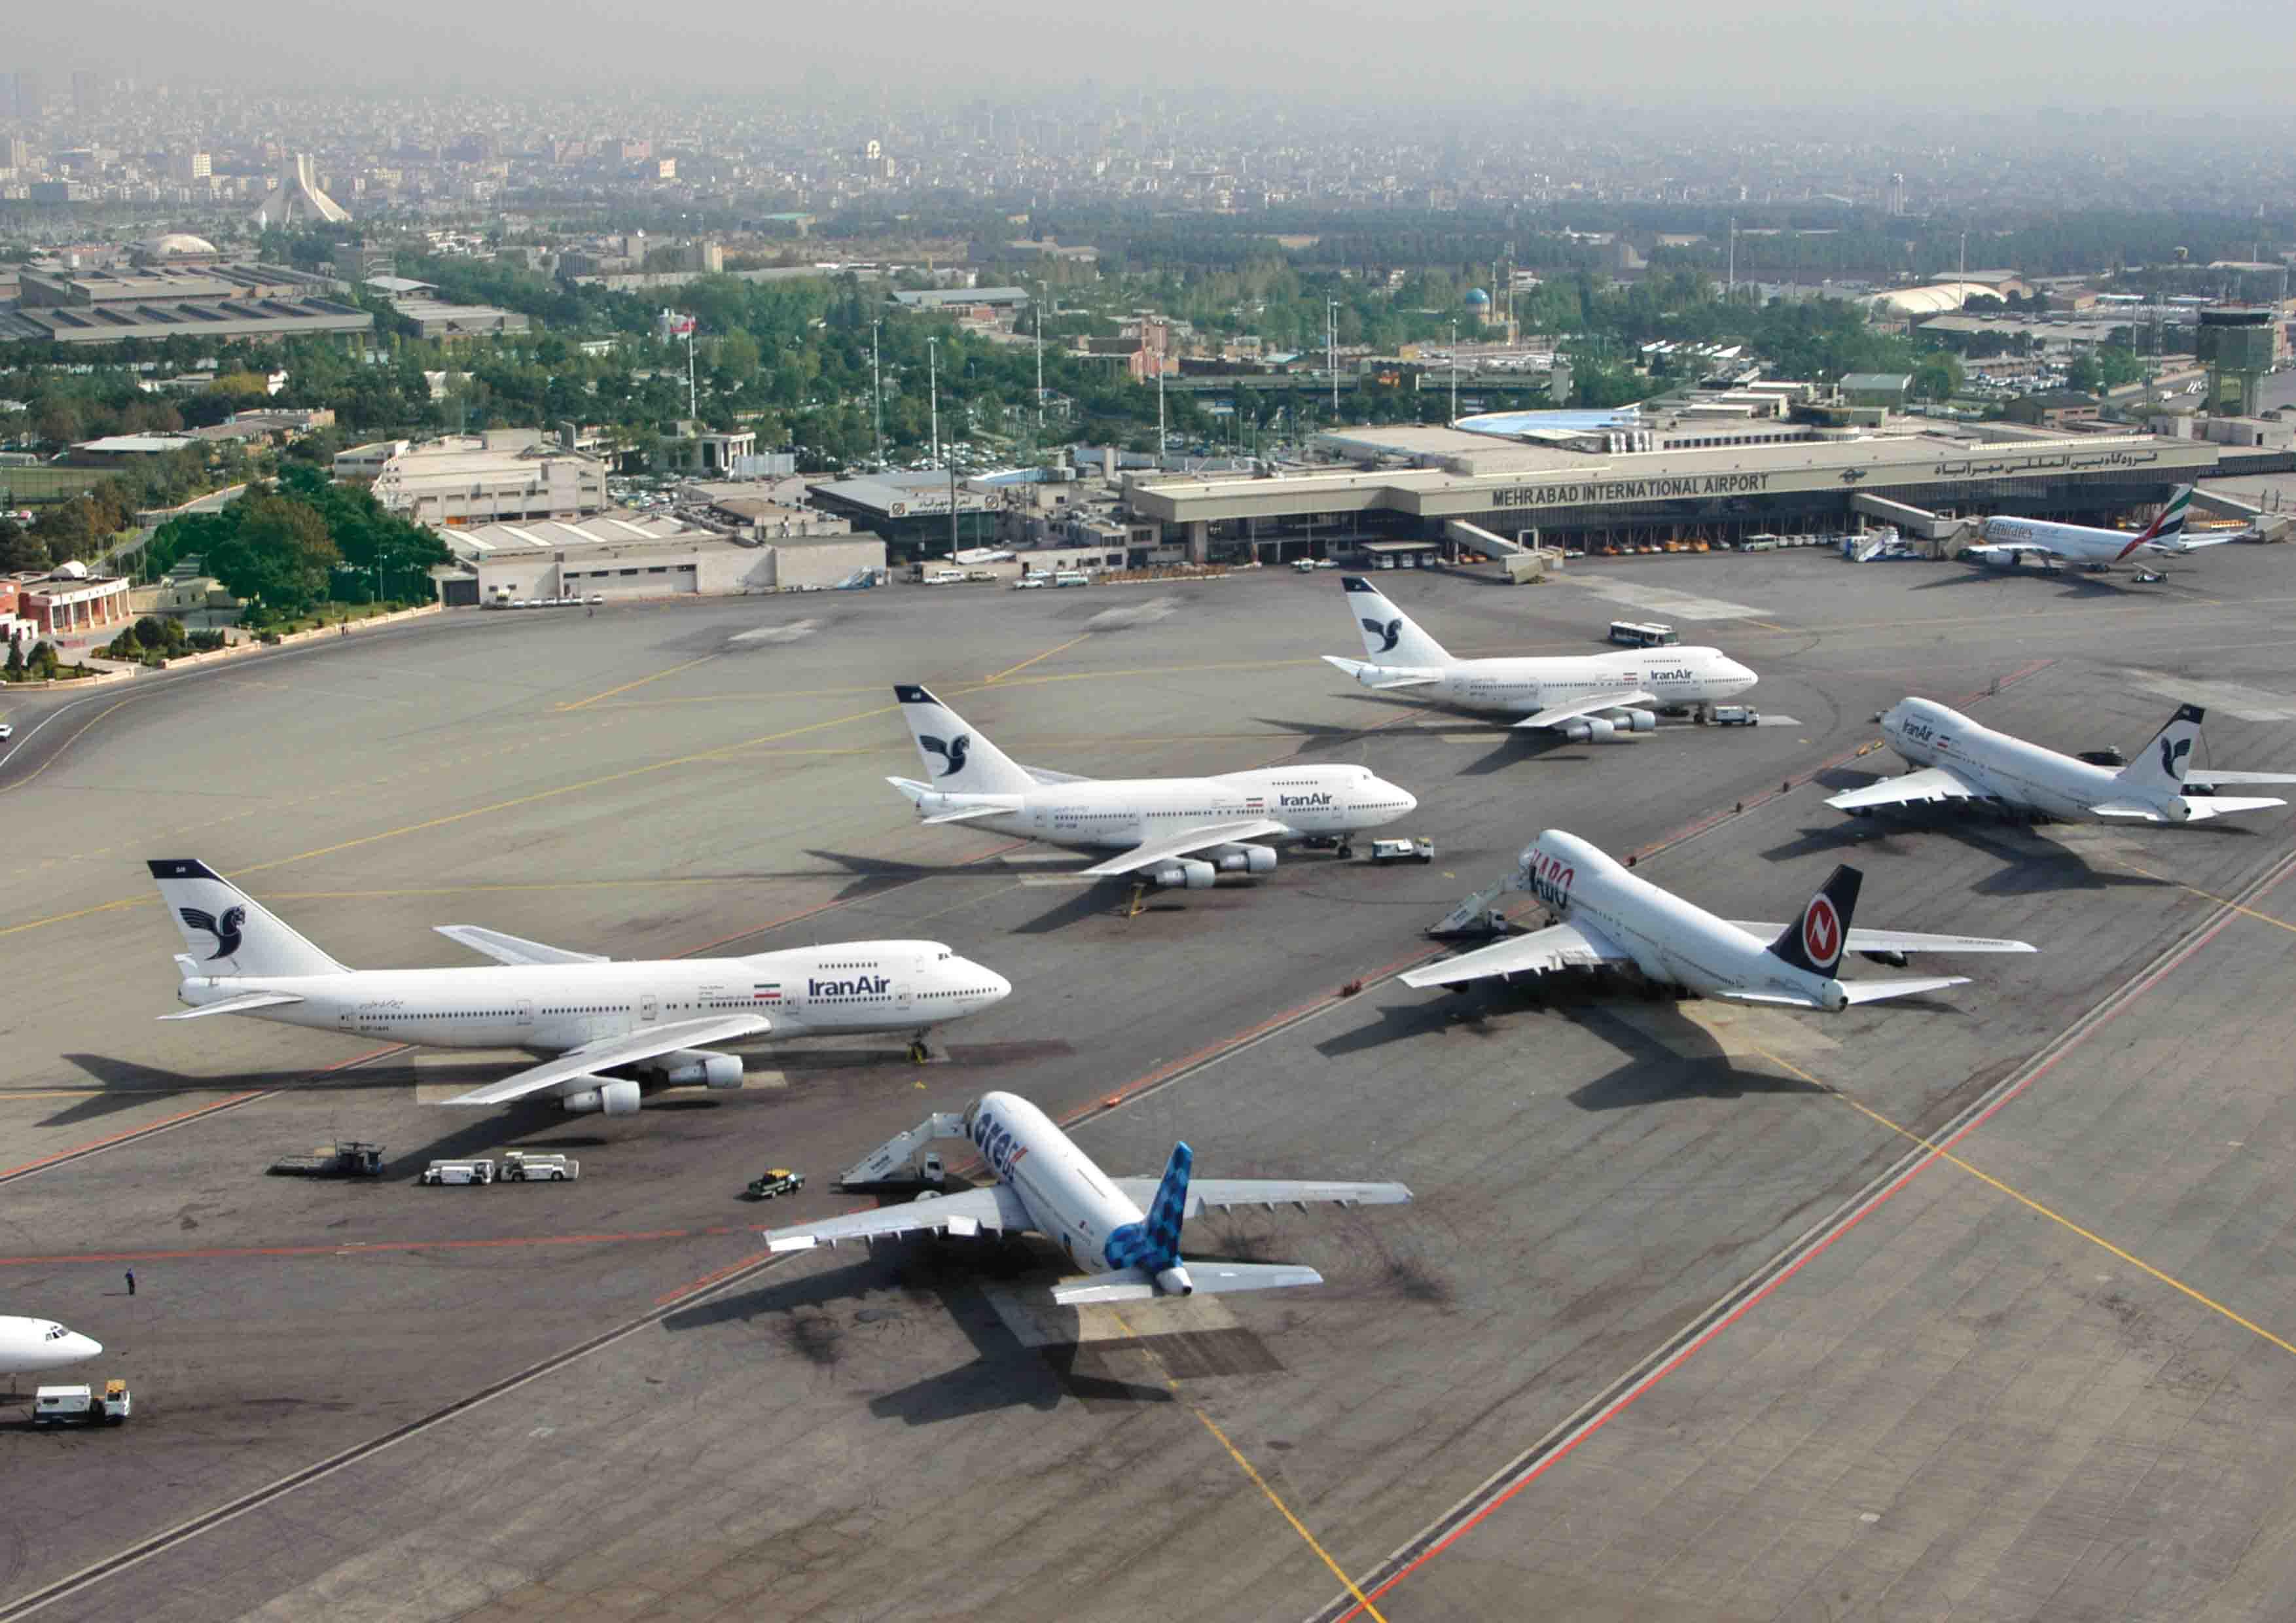 تعطیلی چند ساعته ۳ فرودگاه در تهران / صدور اطلاعیه هوانوردی به شرکتها